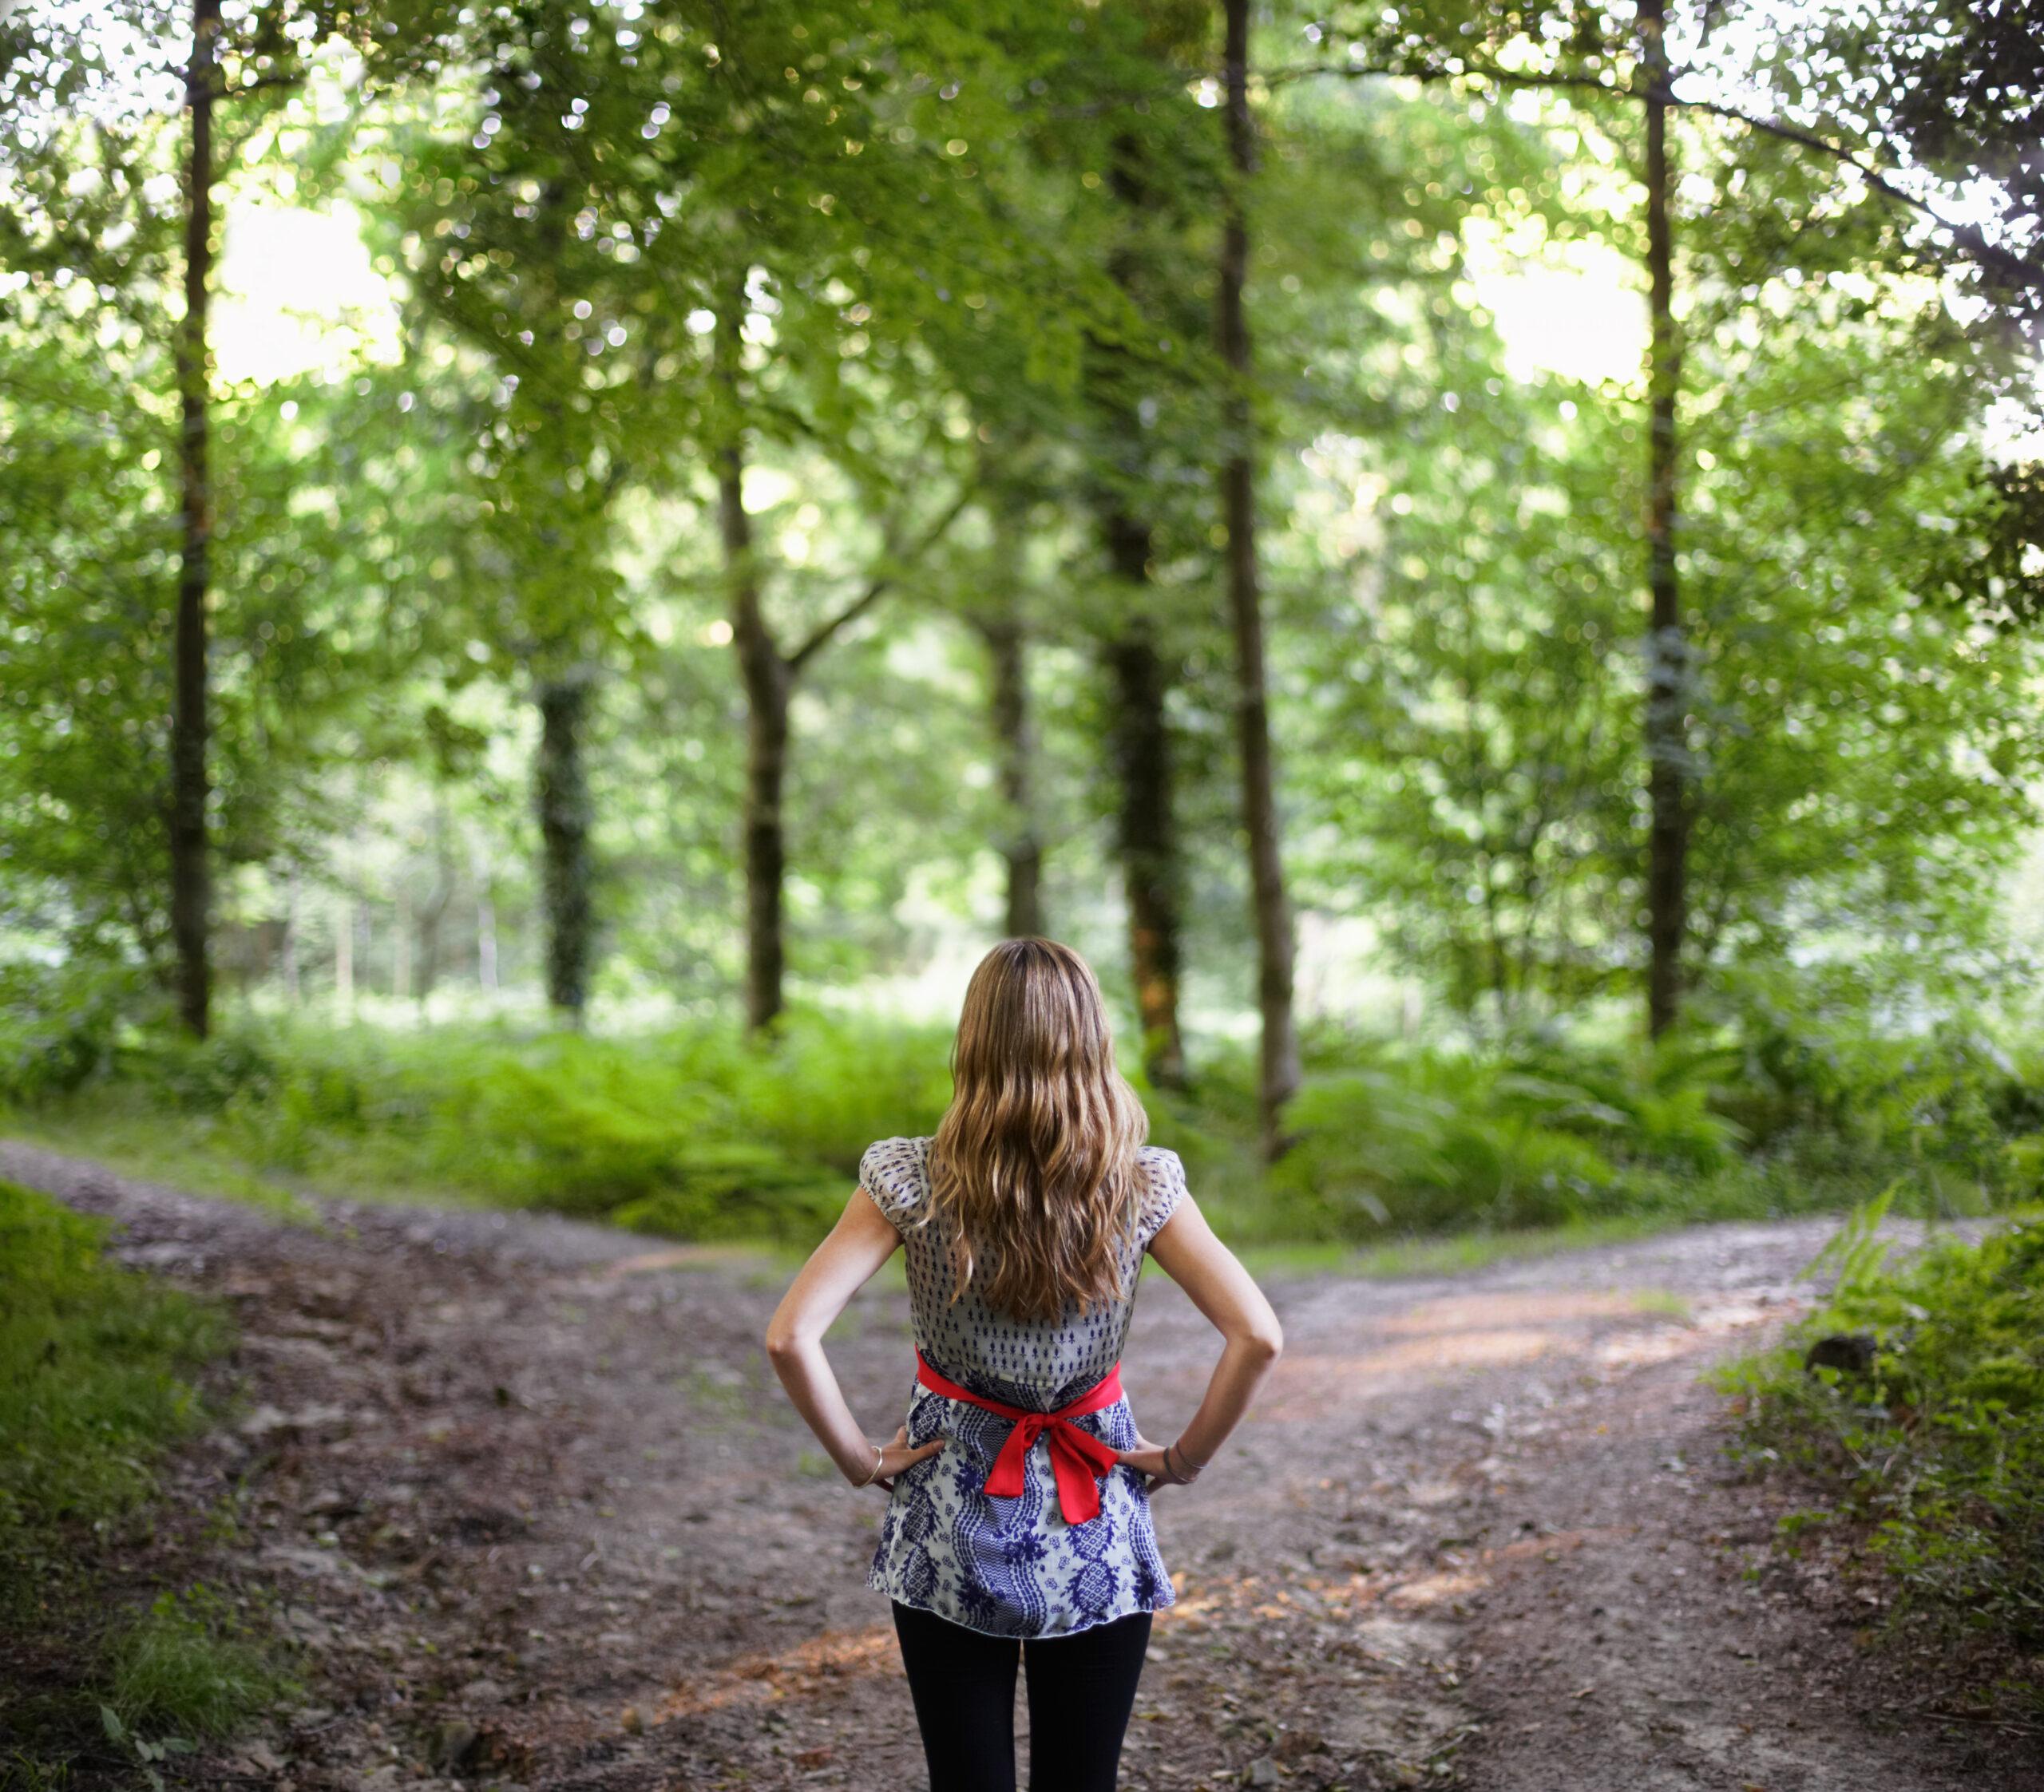 tjej gör val vid väg i skog